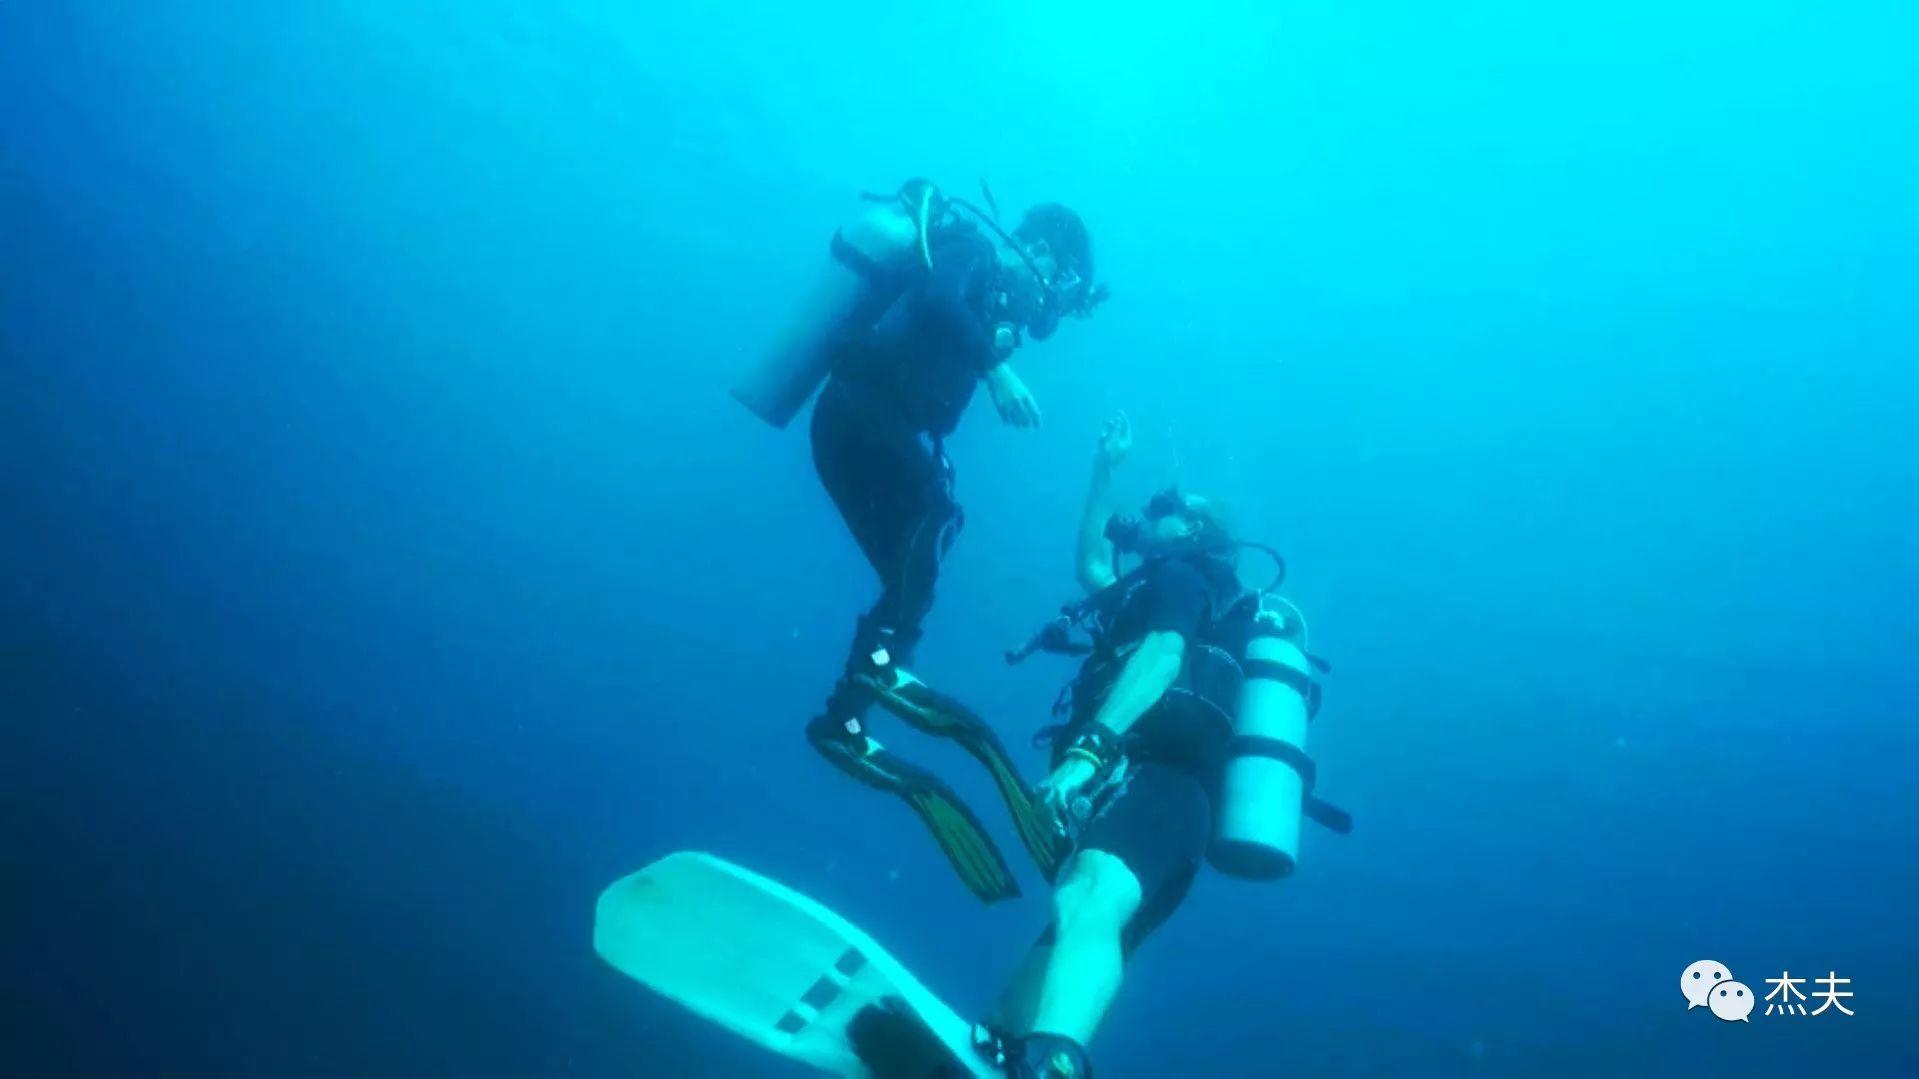 原来考潜水证是这样子的